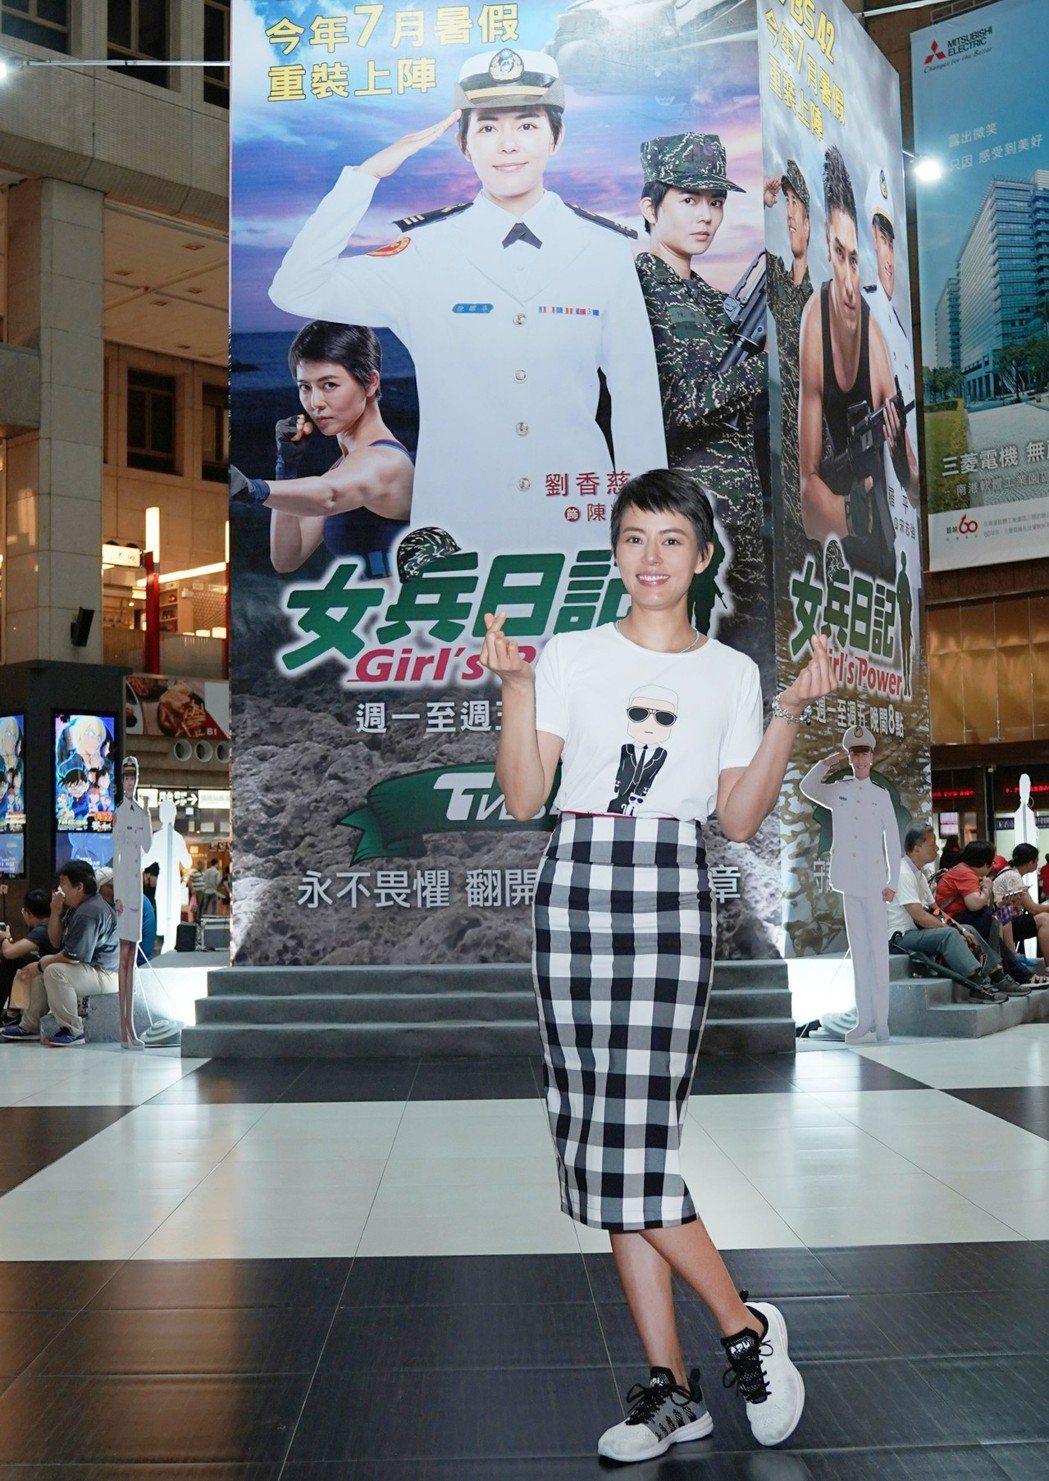 劉香慈現身「女兵日記」宣傳活動。圖/TVBS提供